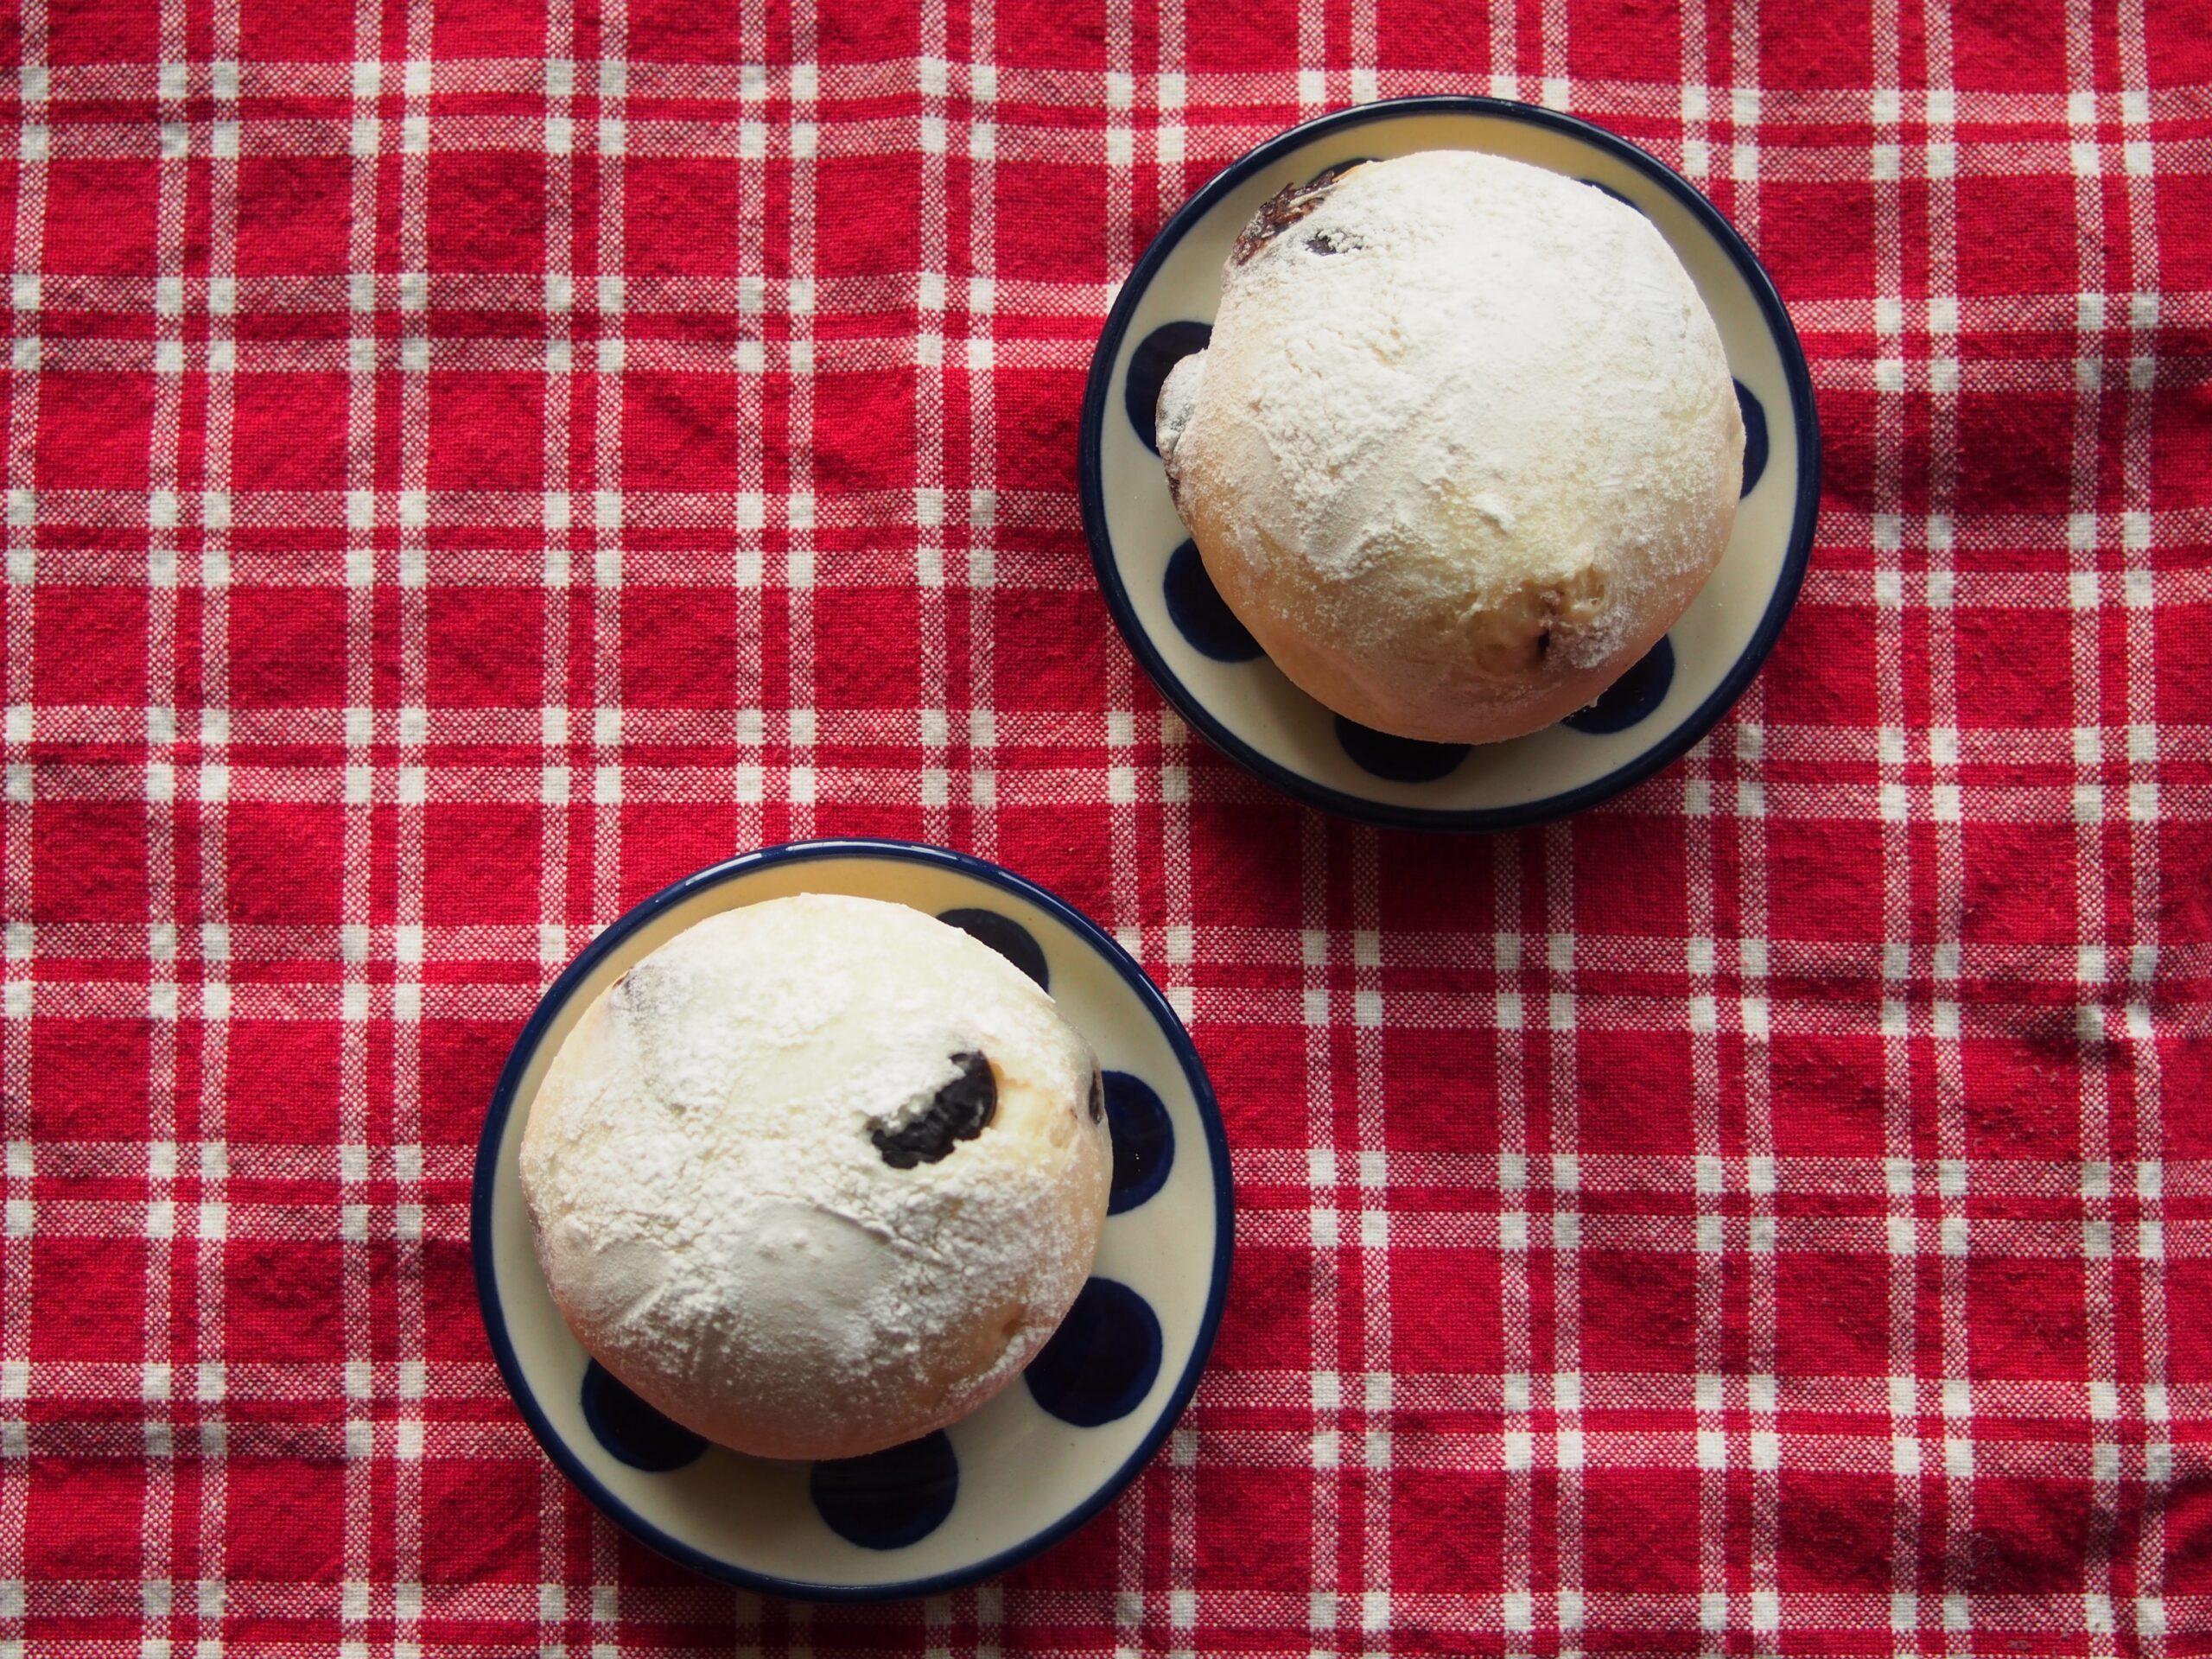 白玉粉入りのもちもち豆パン